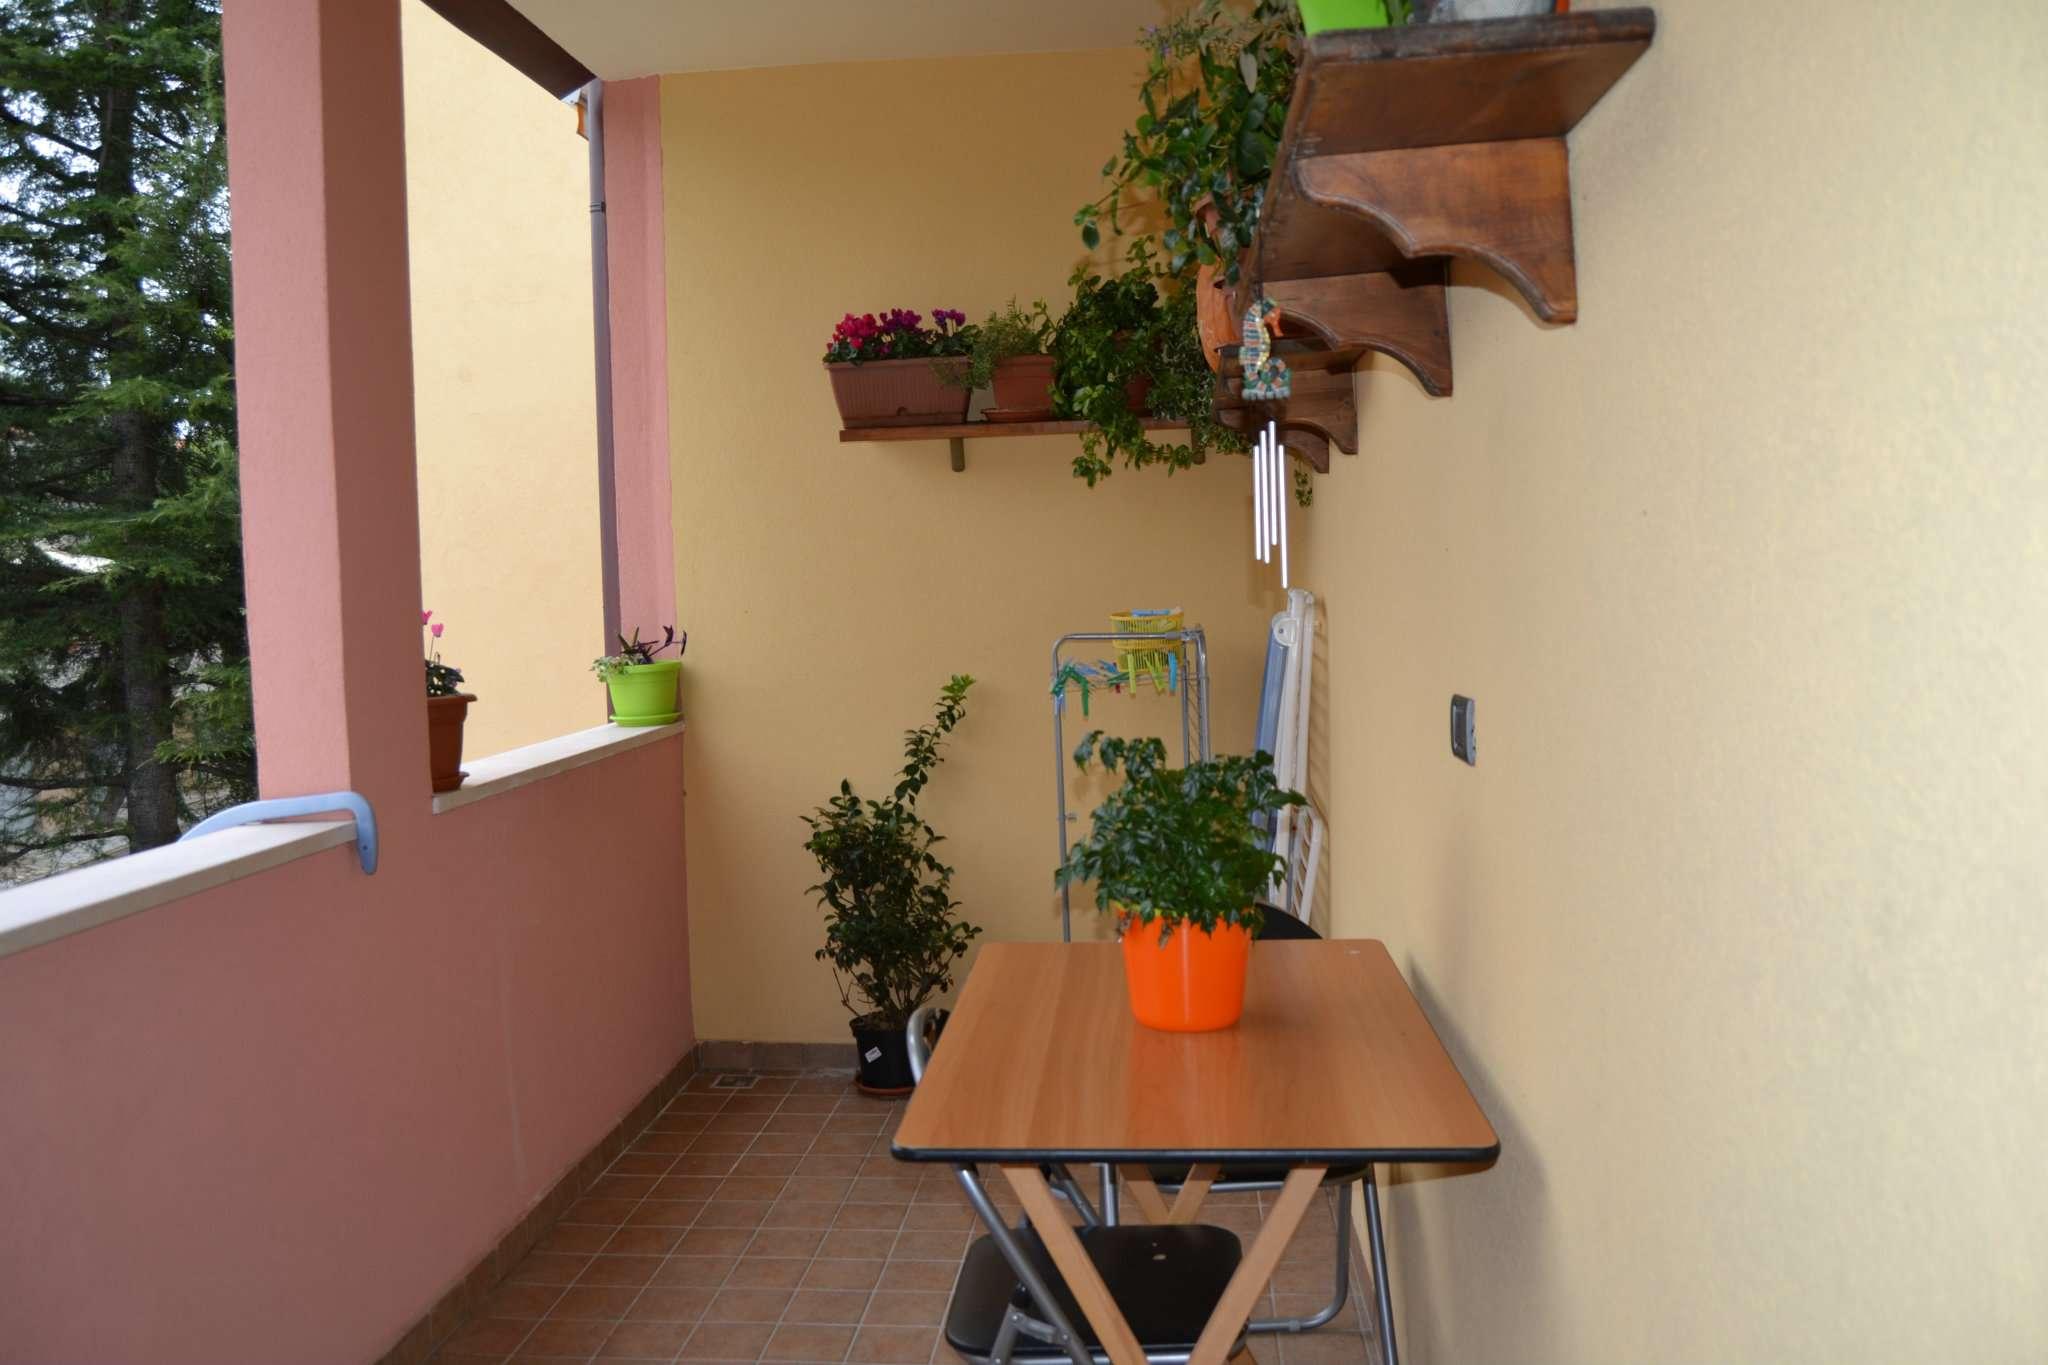 Appartamento in vendita a Agugliano, 3 locali, prezzo € 158.000 | Cambio Casa.it